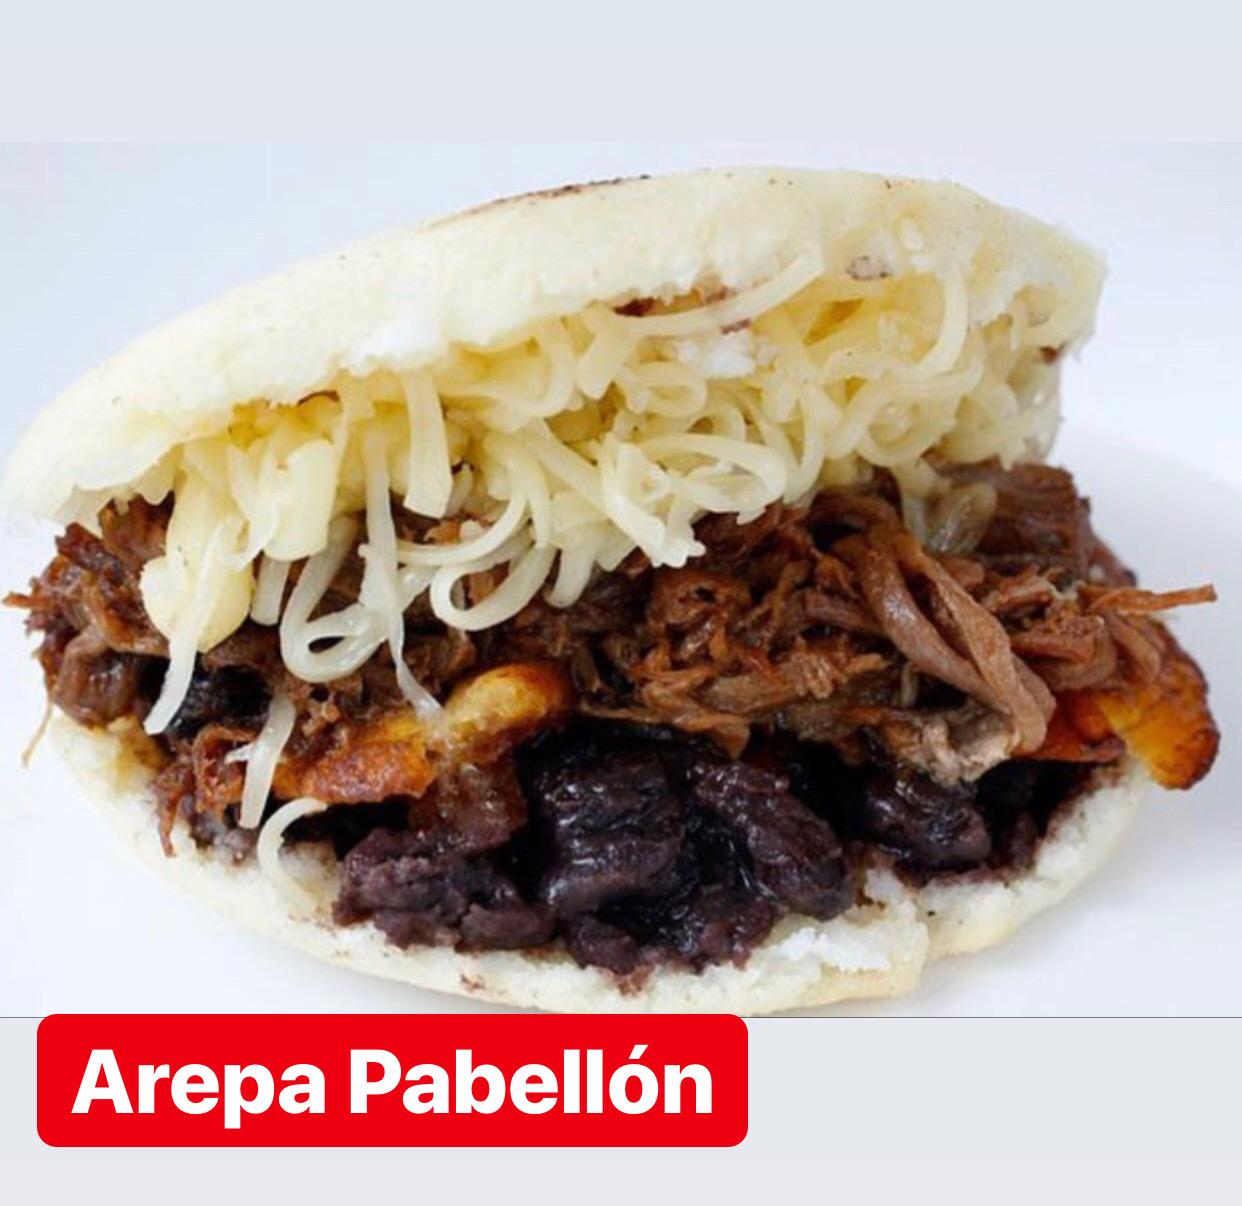 Arepa pabellon criollo (sin TACC)